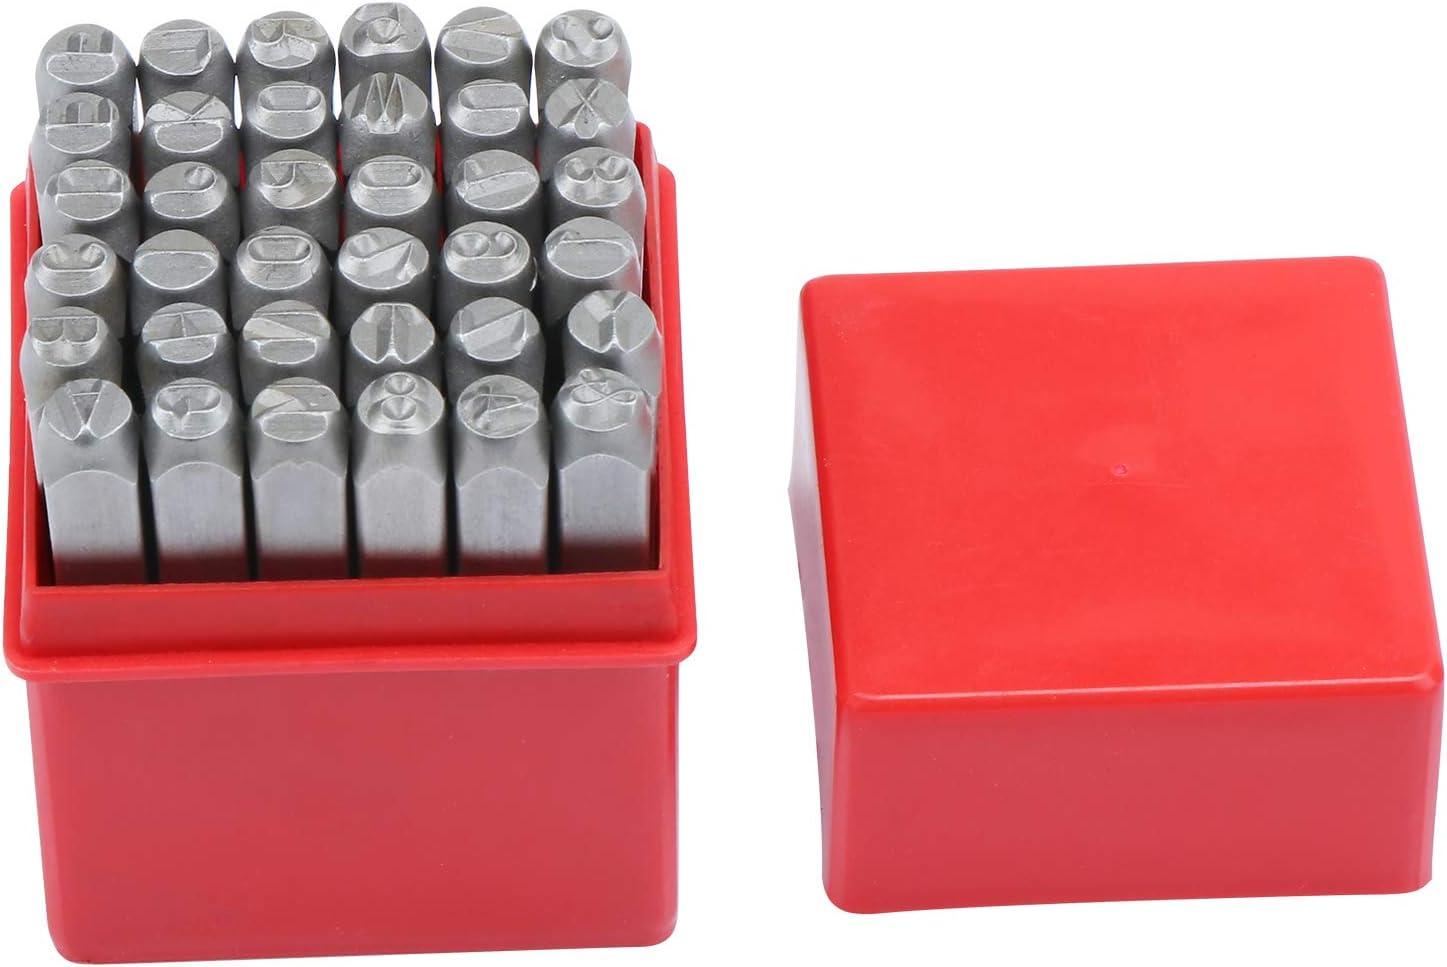 Hseamall Lot de 36 poin/çons en fer avec lettres et chiffres de 6 mm